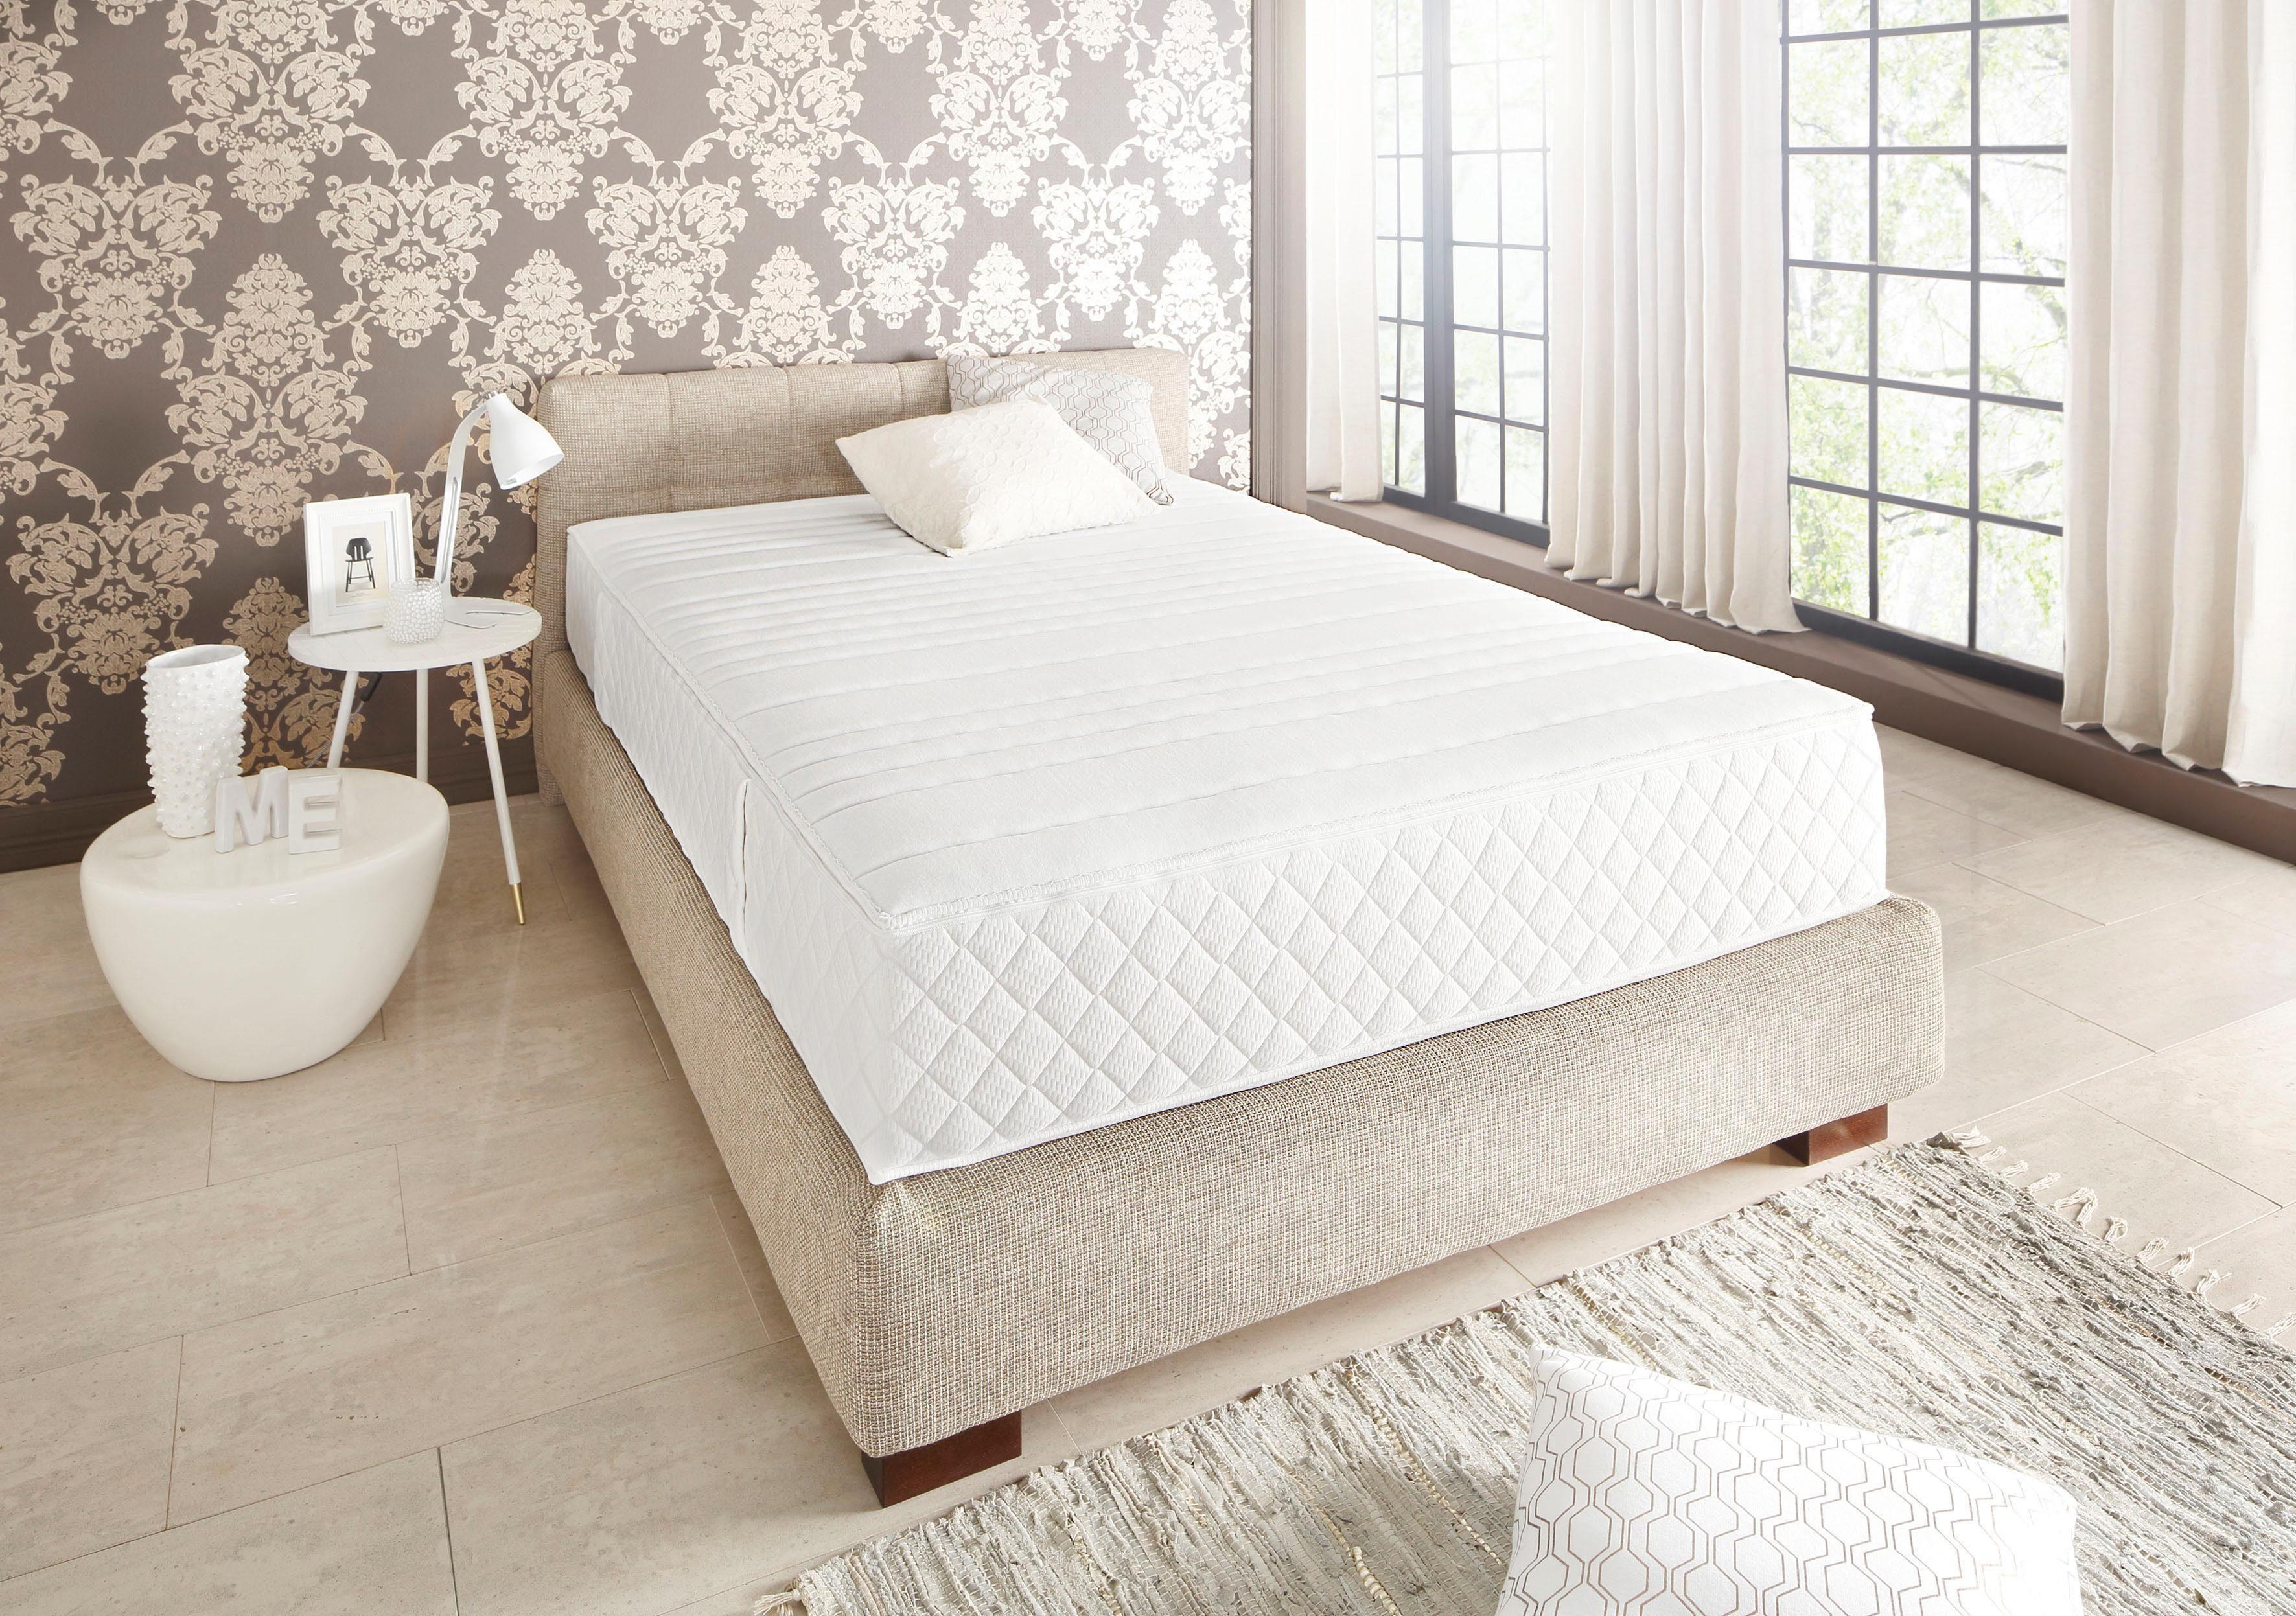 Pocketvering matrassen bestellen kijk dan hier otto